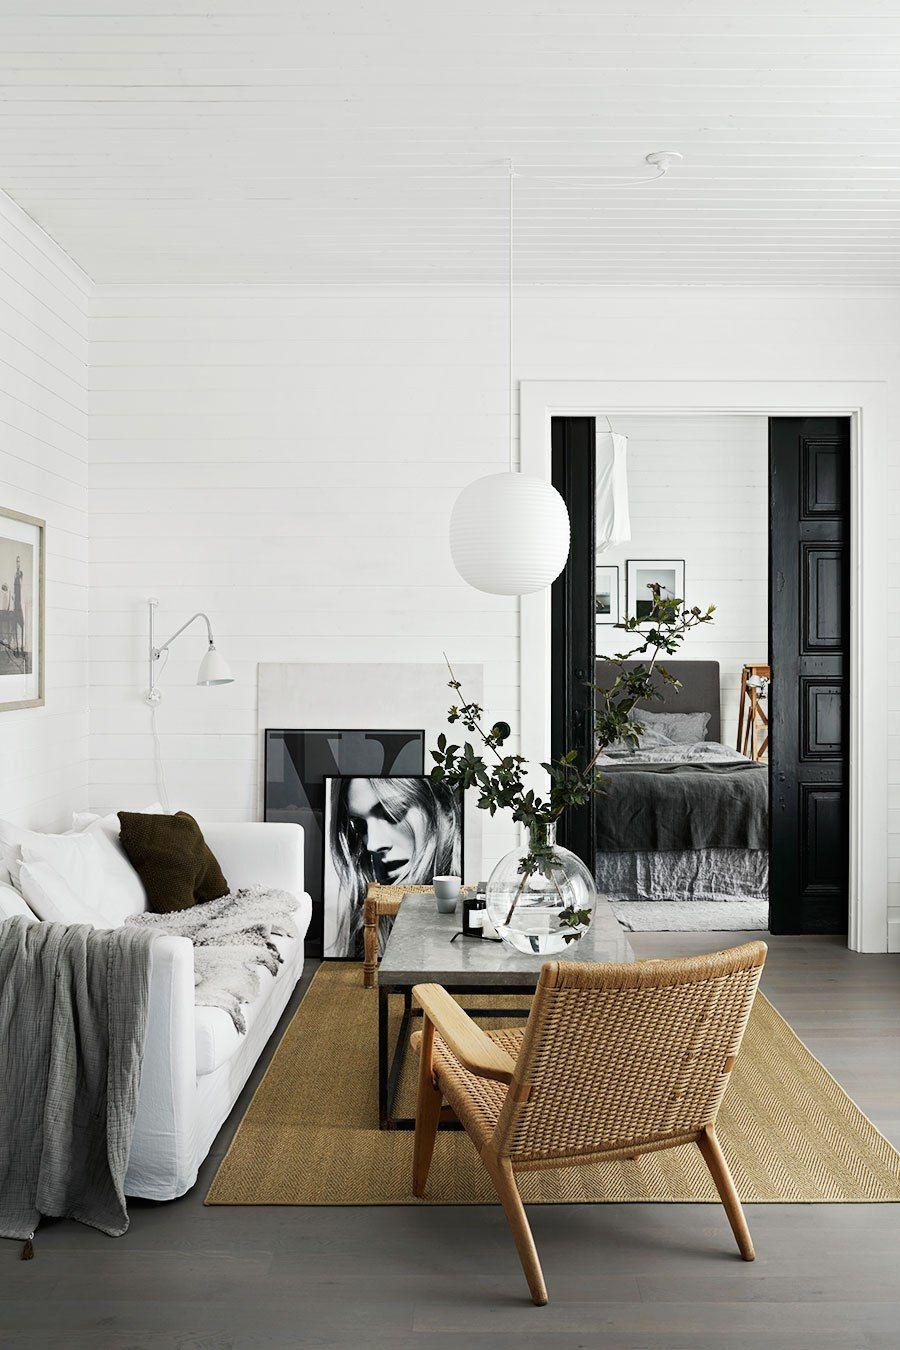 La casa minimalista de una estilista de interiores n rdica for Casa minimalista interior cocina